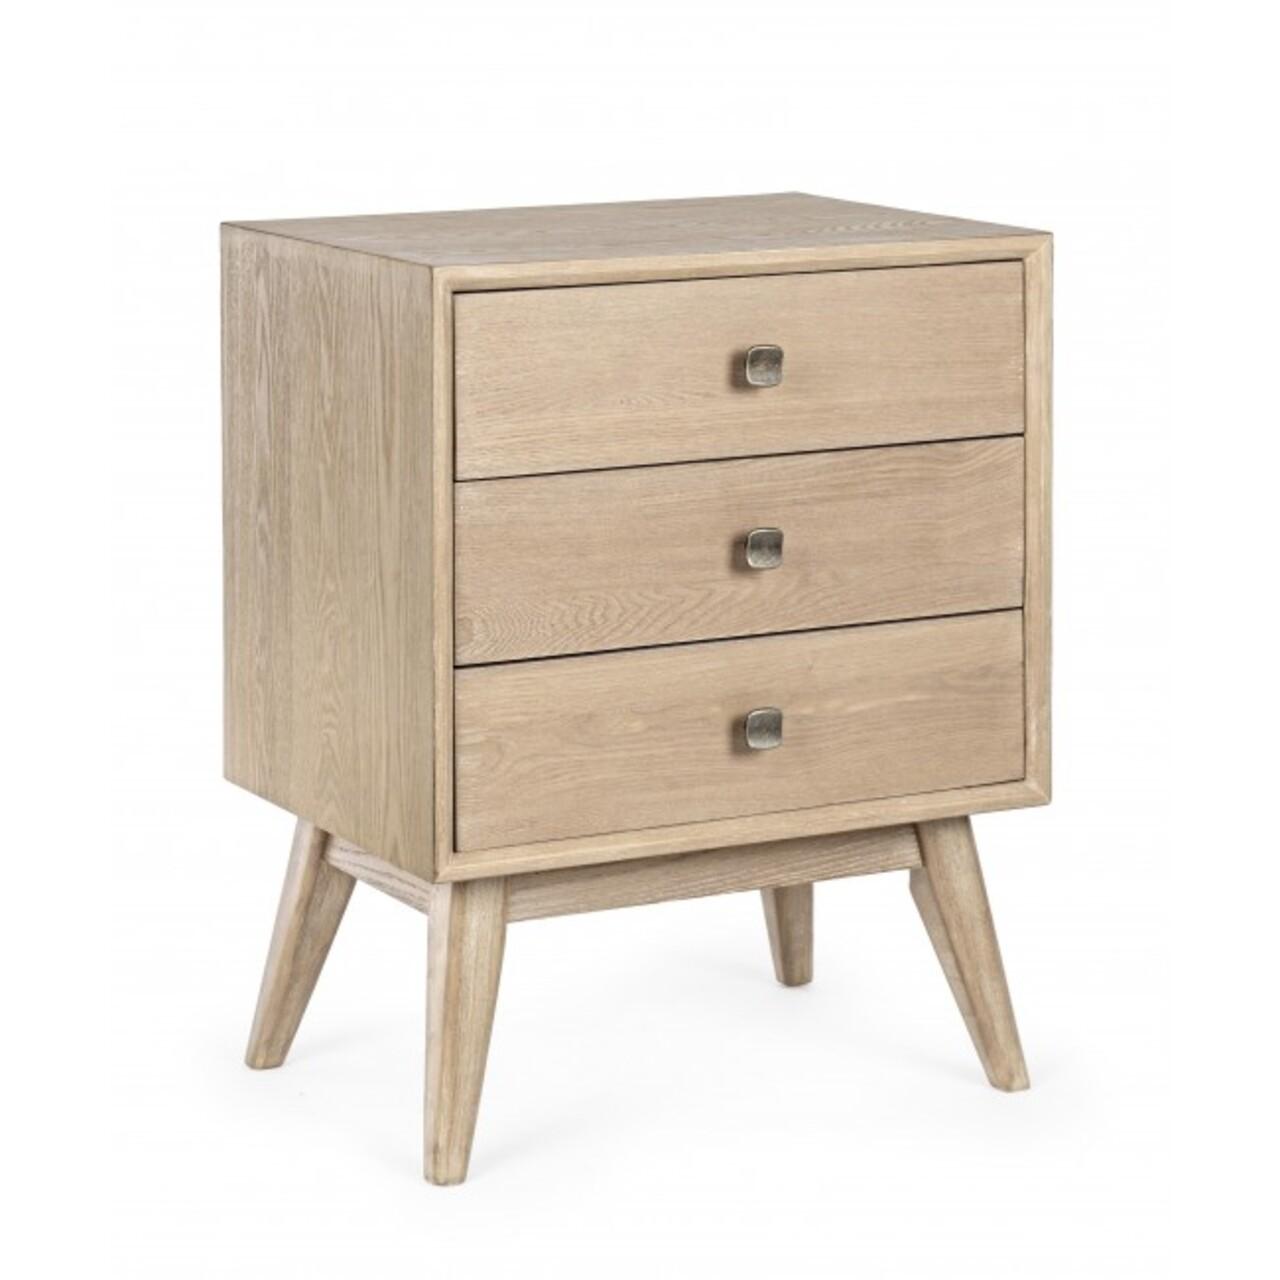 Comoda cu 3 sertare, Alannis, Bizzotto, 48x35x66 cm, MDF/lemn de frasin